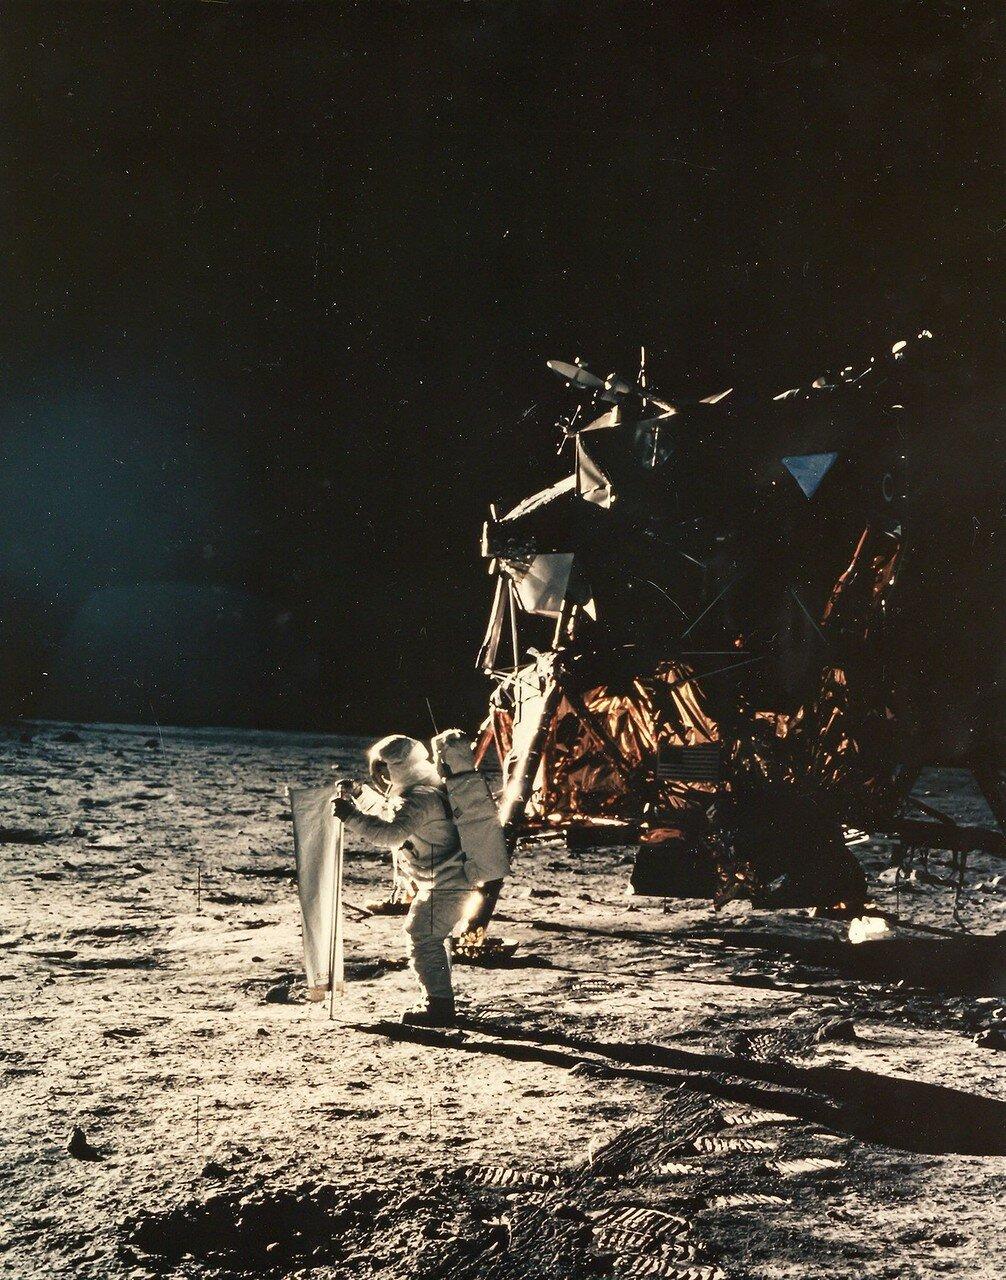 Через 15 минут после того, как Армстронг сделал первый шаг на Луне, из кабины начал спускаться и Олдрин. Армстронг, стоя внизу, недалеко от лестницы, корректировал его движения и фотографировал. На снимке: Первые фотографии человека, стоящего на поверхности Луны